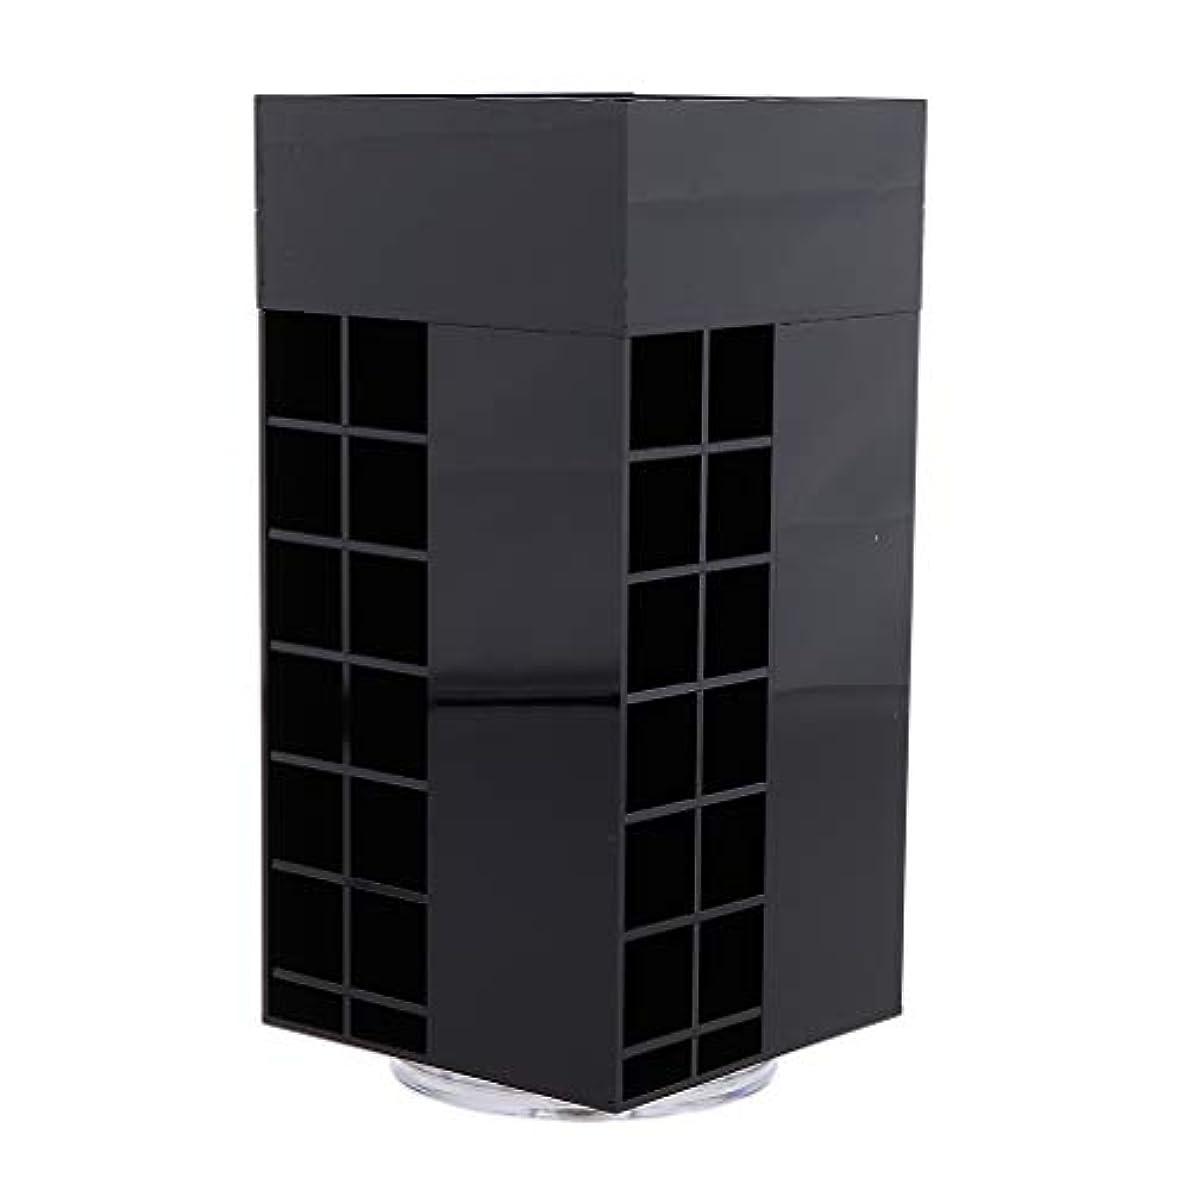 言い聞かせる不満他の場所SM SunniMix 口紅オーガナイザー 口紅ホルダー リップグロス 回転タワー アクリル ラック 3色選べ - ブラック